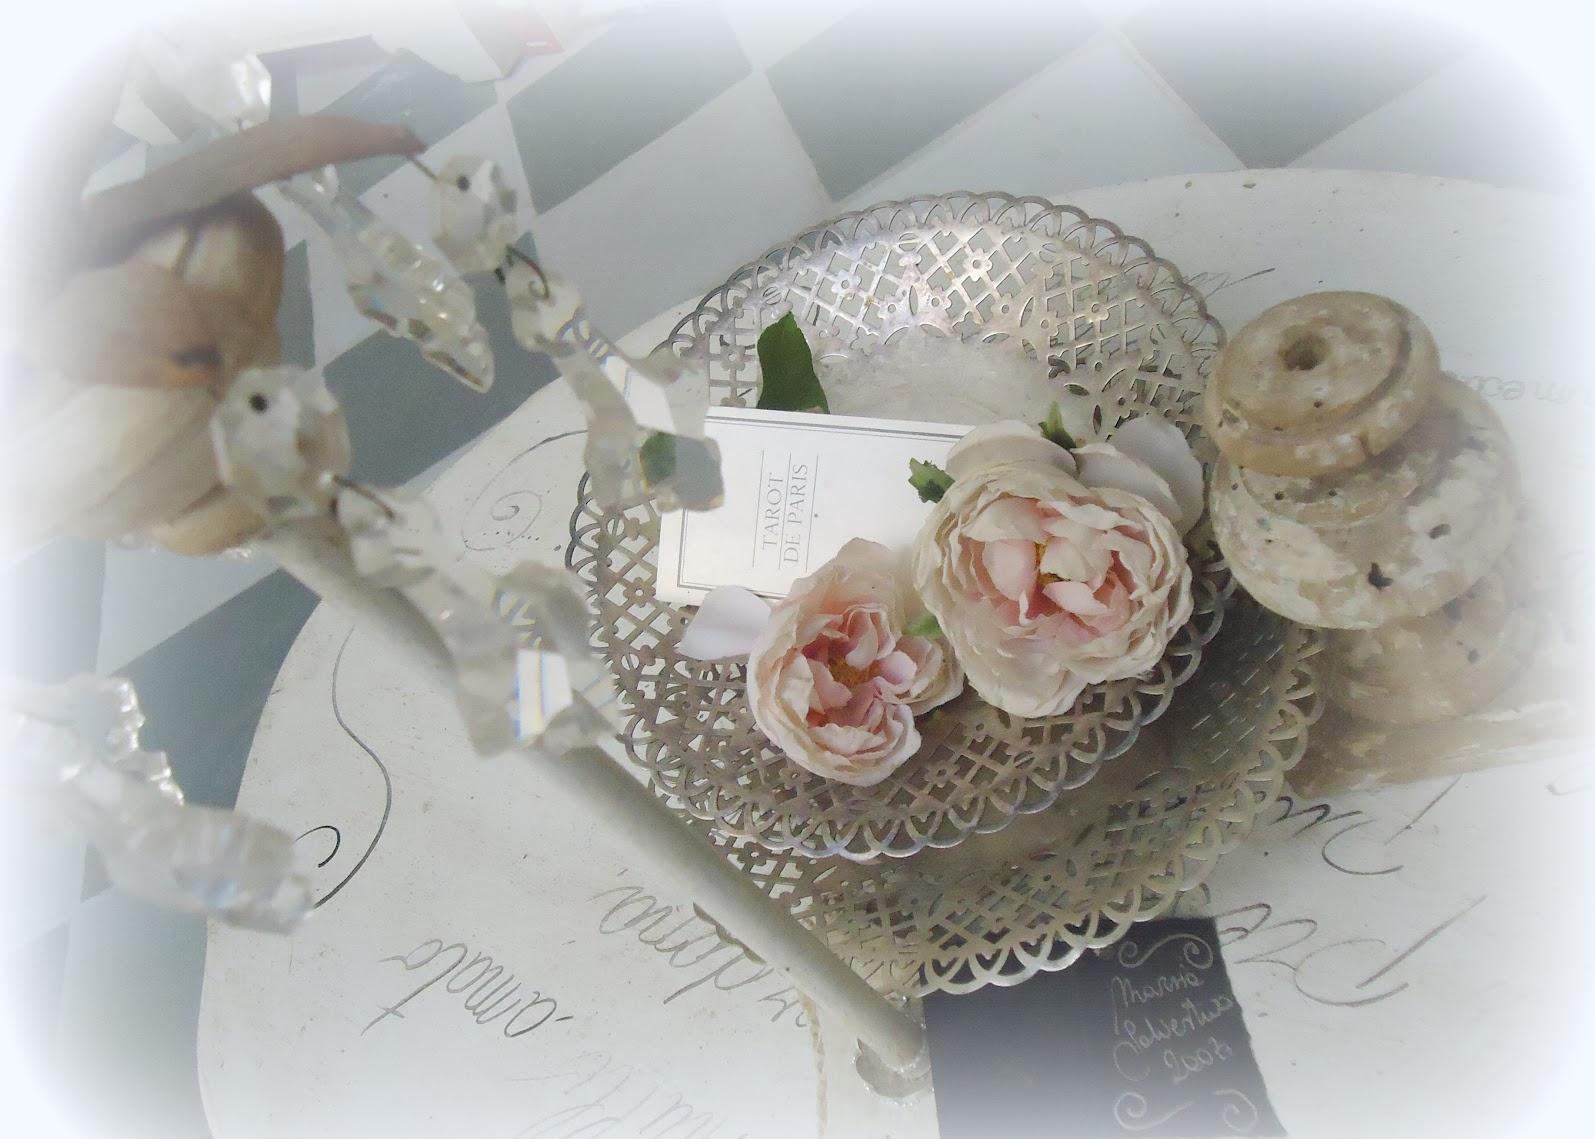 Rosa E Vassoio D Argento Arredamento Shabby #634B3F 1595 1139 Mobile Sala Da Pranzo Ikea